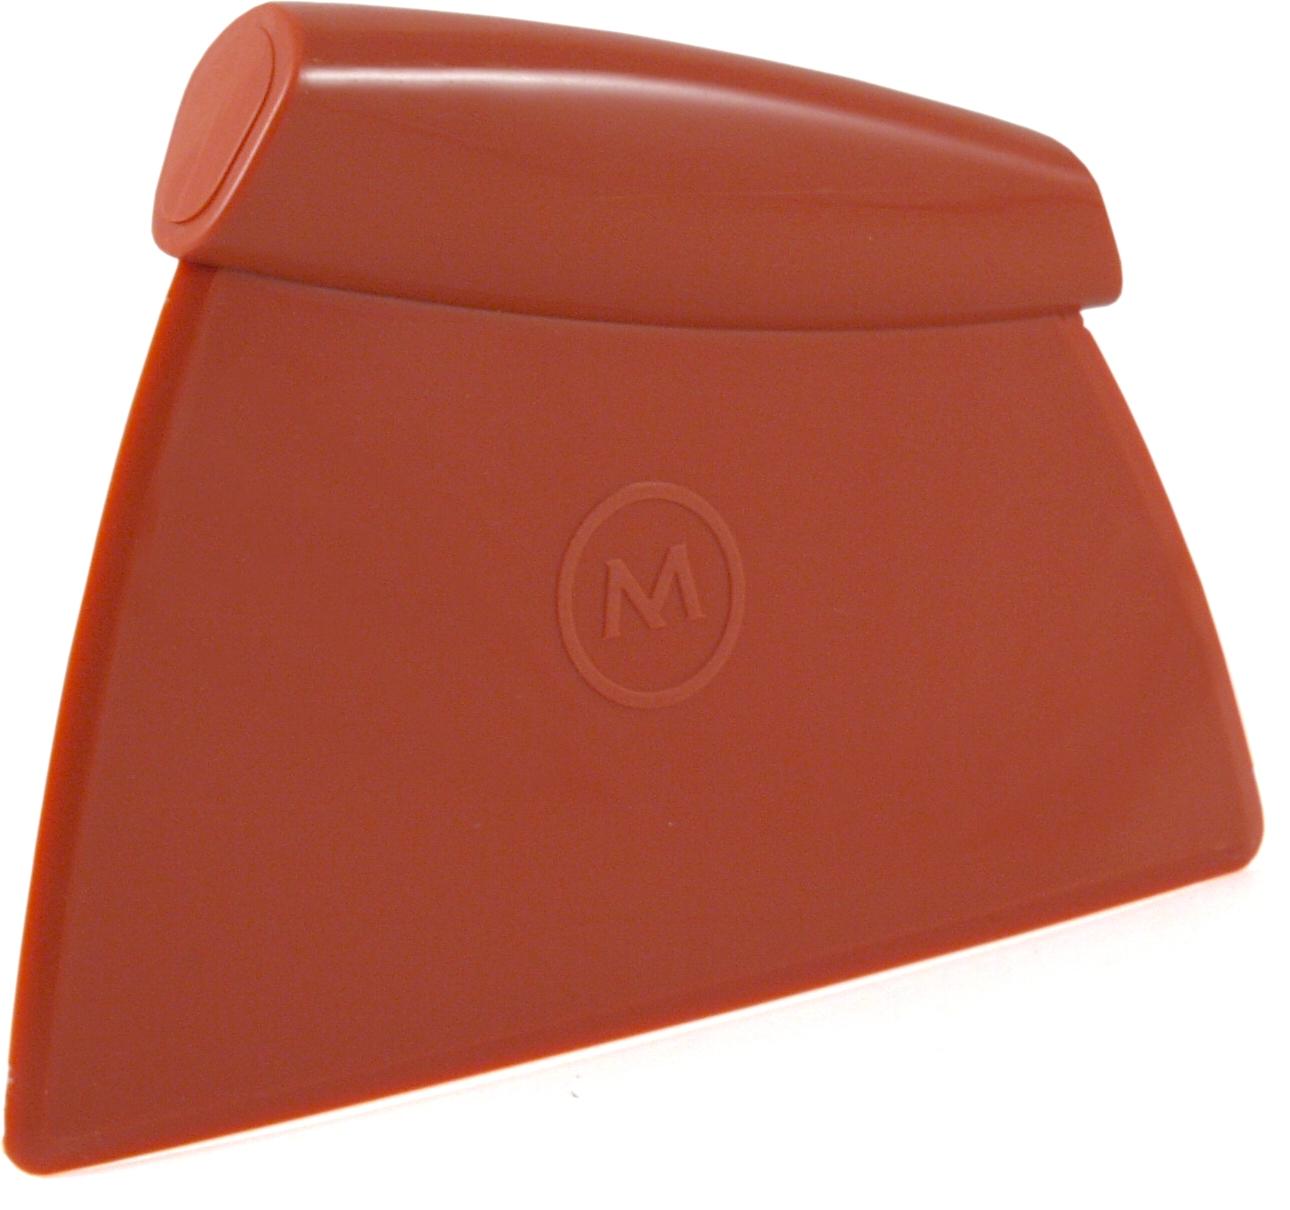 Mario Batali The Italian Kitchen Orange Silicone Dough and Pastry Scraper